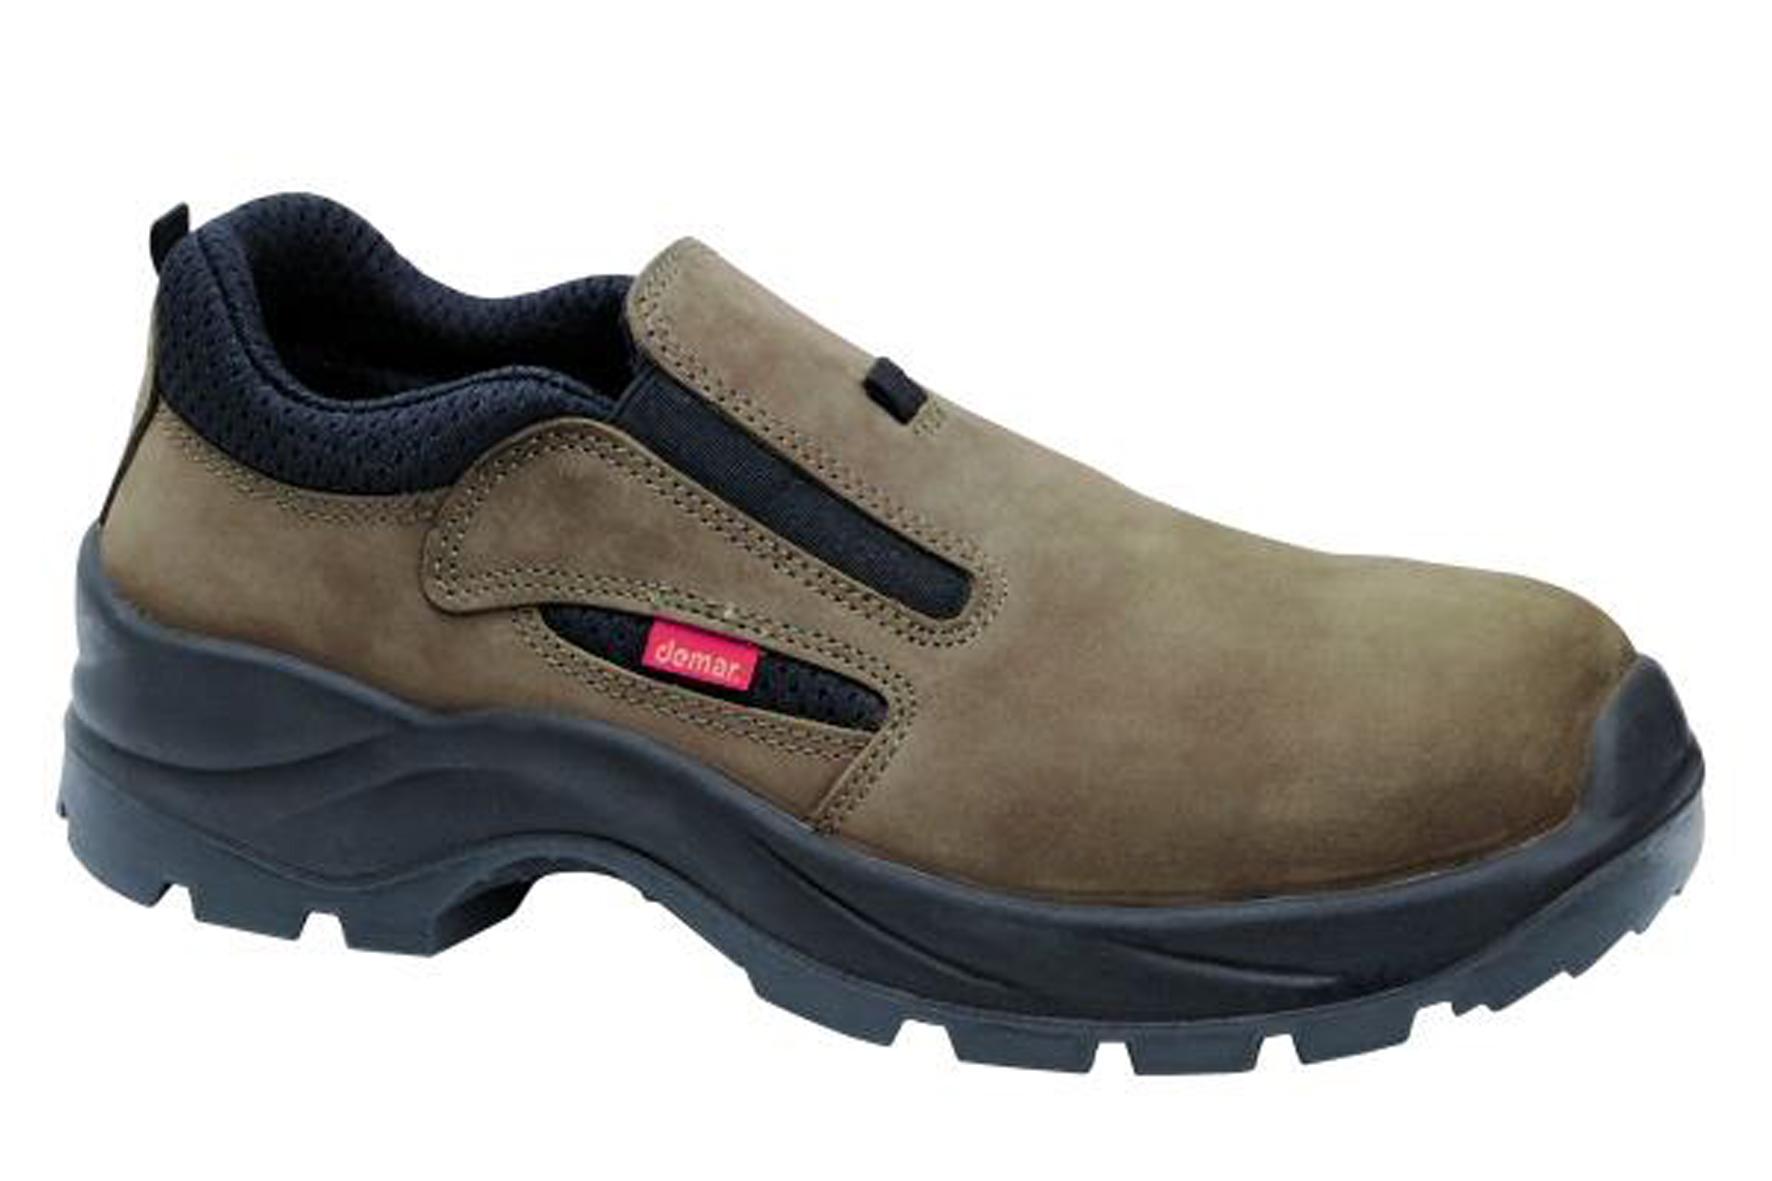 Chaussure sans lacet rest d1 achat en ligne ou dans notre - Lacet ruban pour chaussure ...